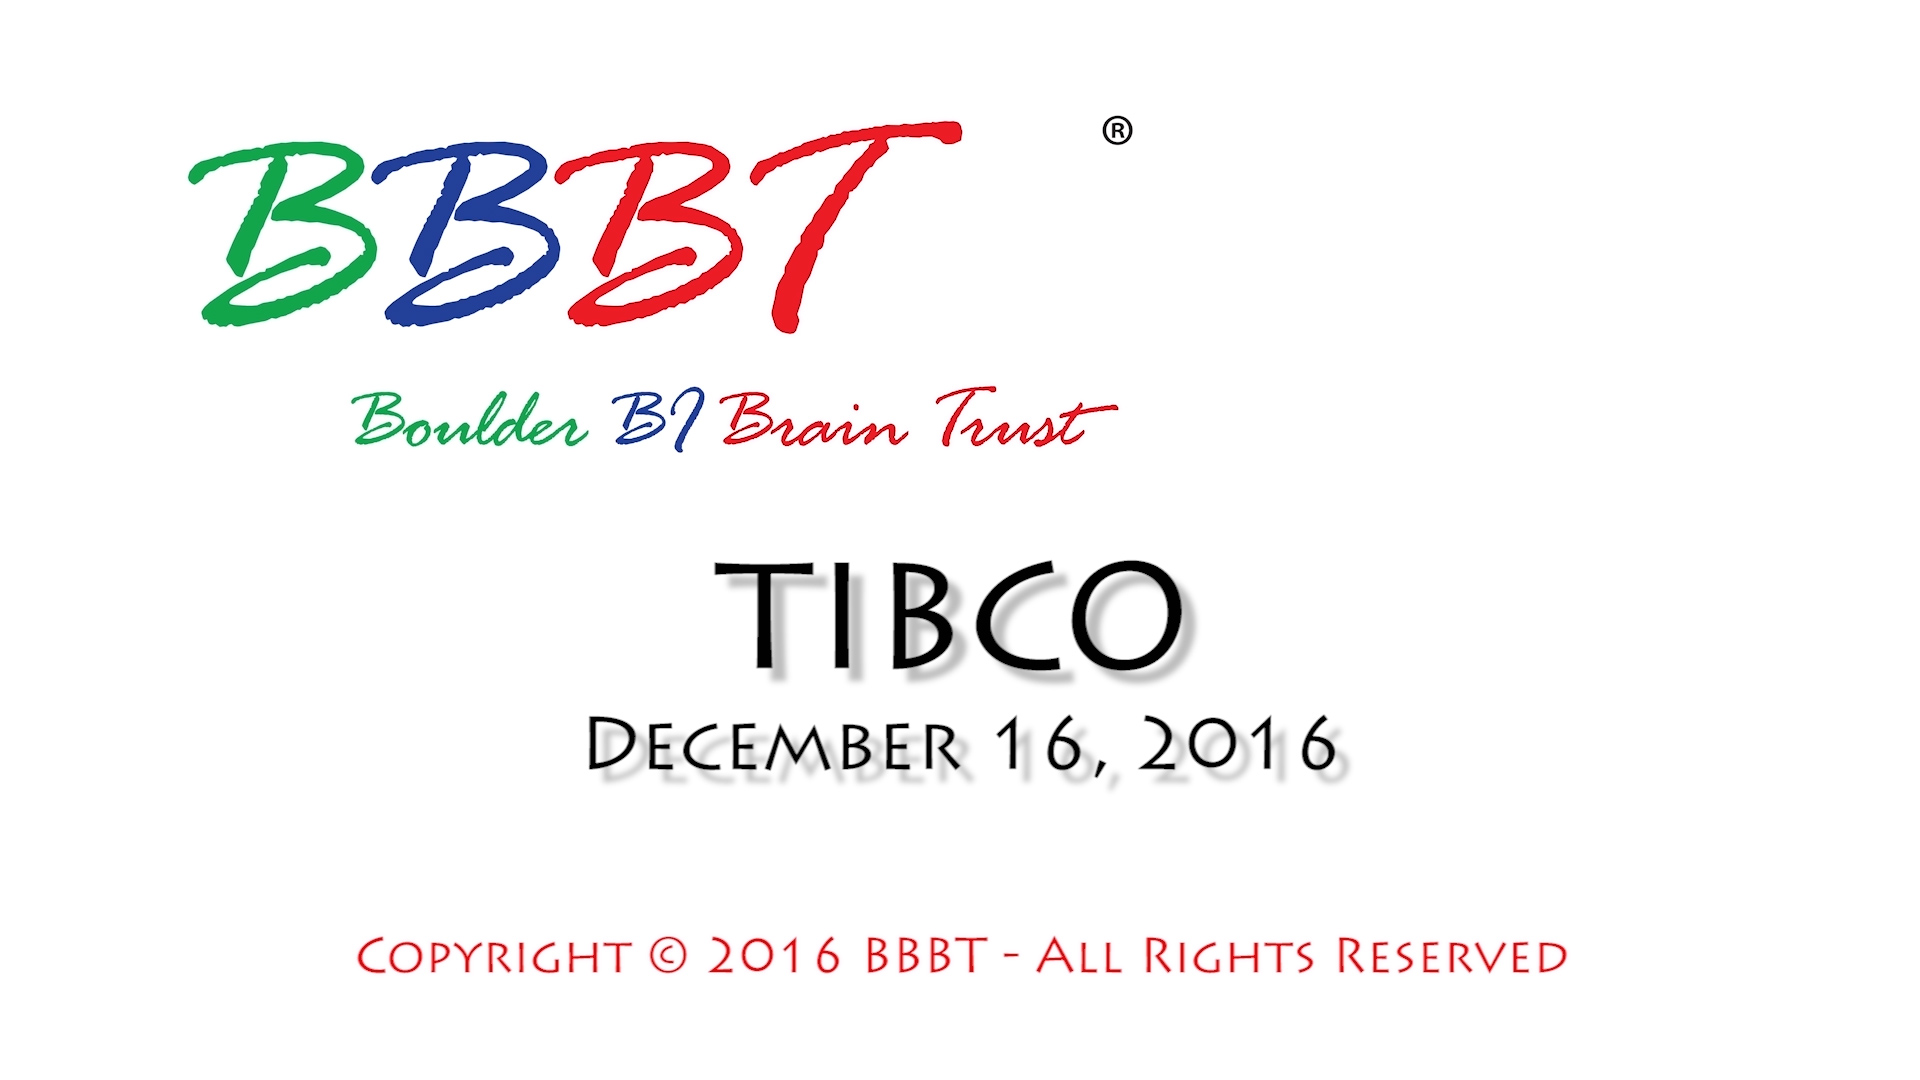 Tibco training institutes in bangalore dating